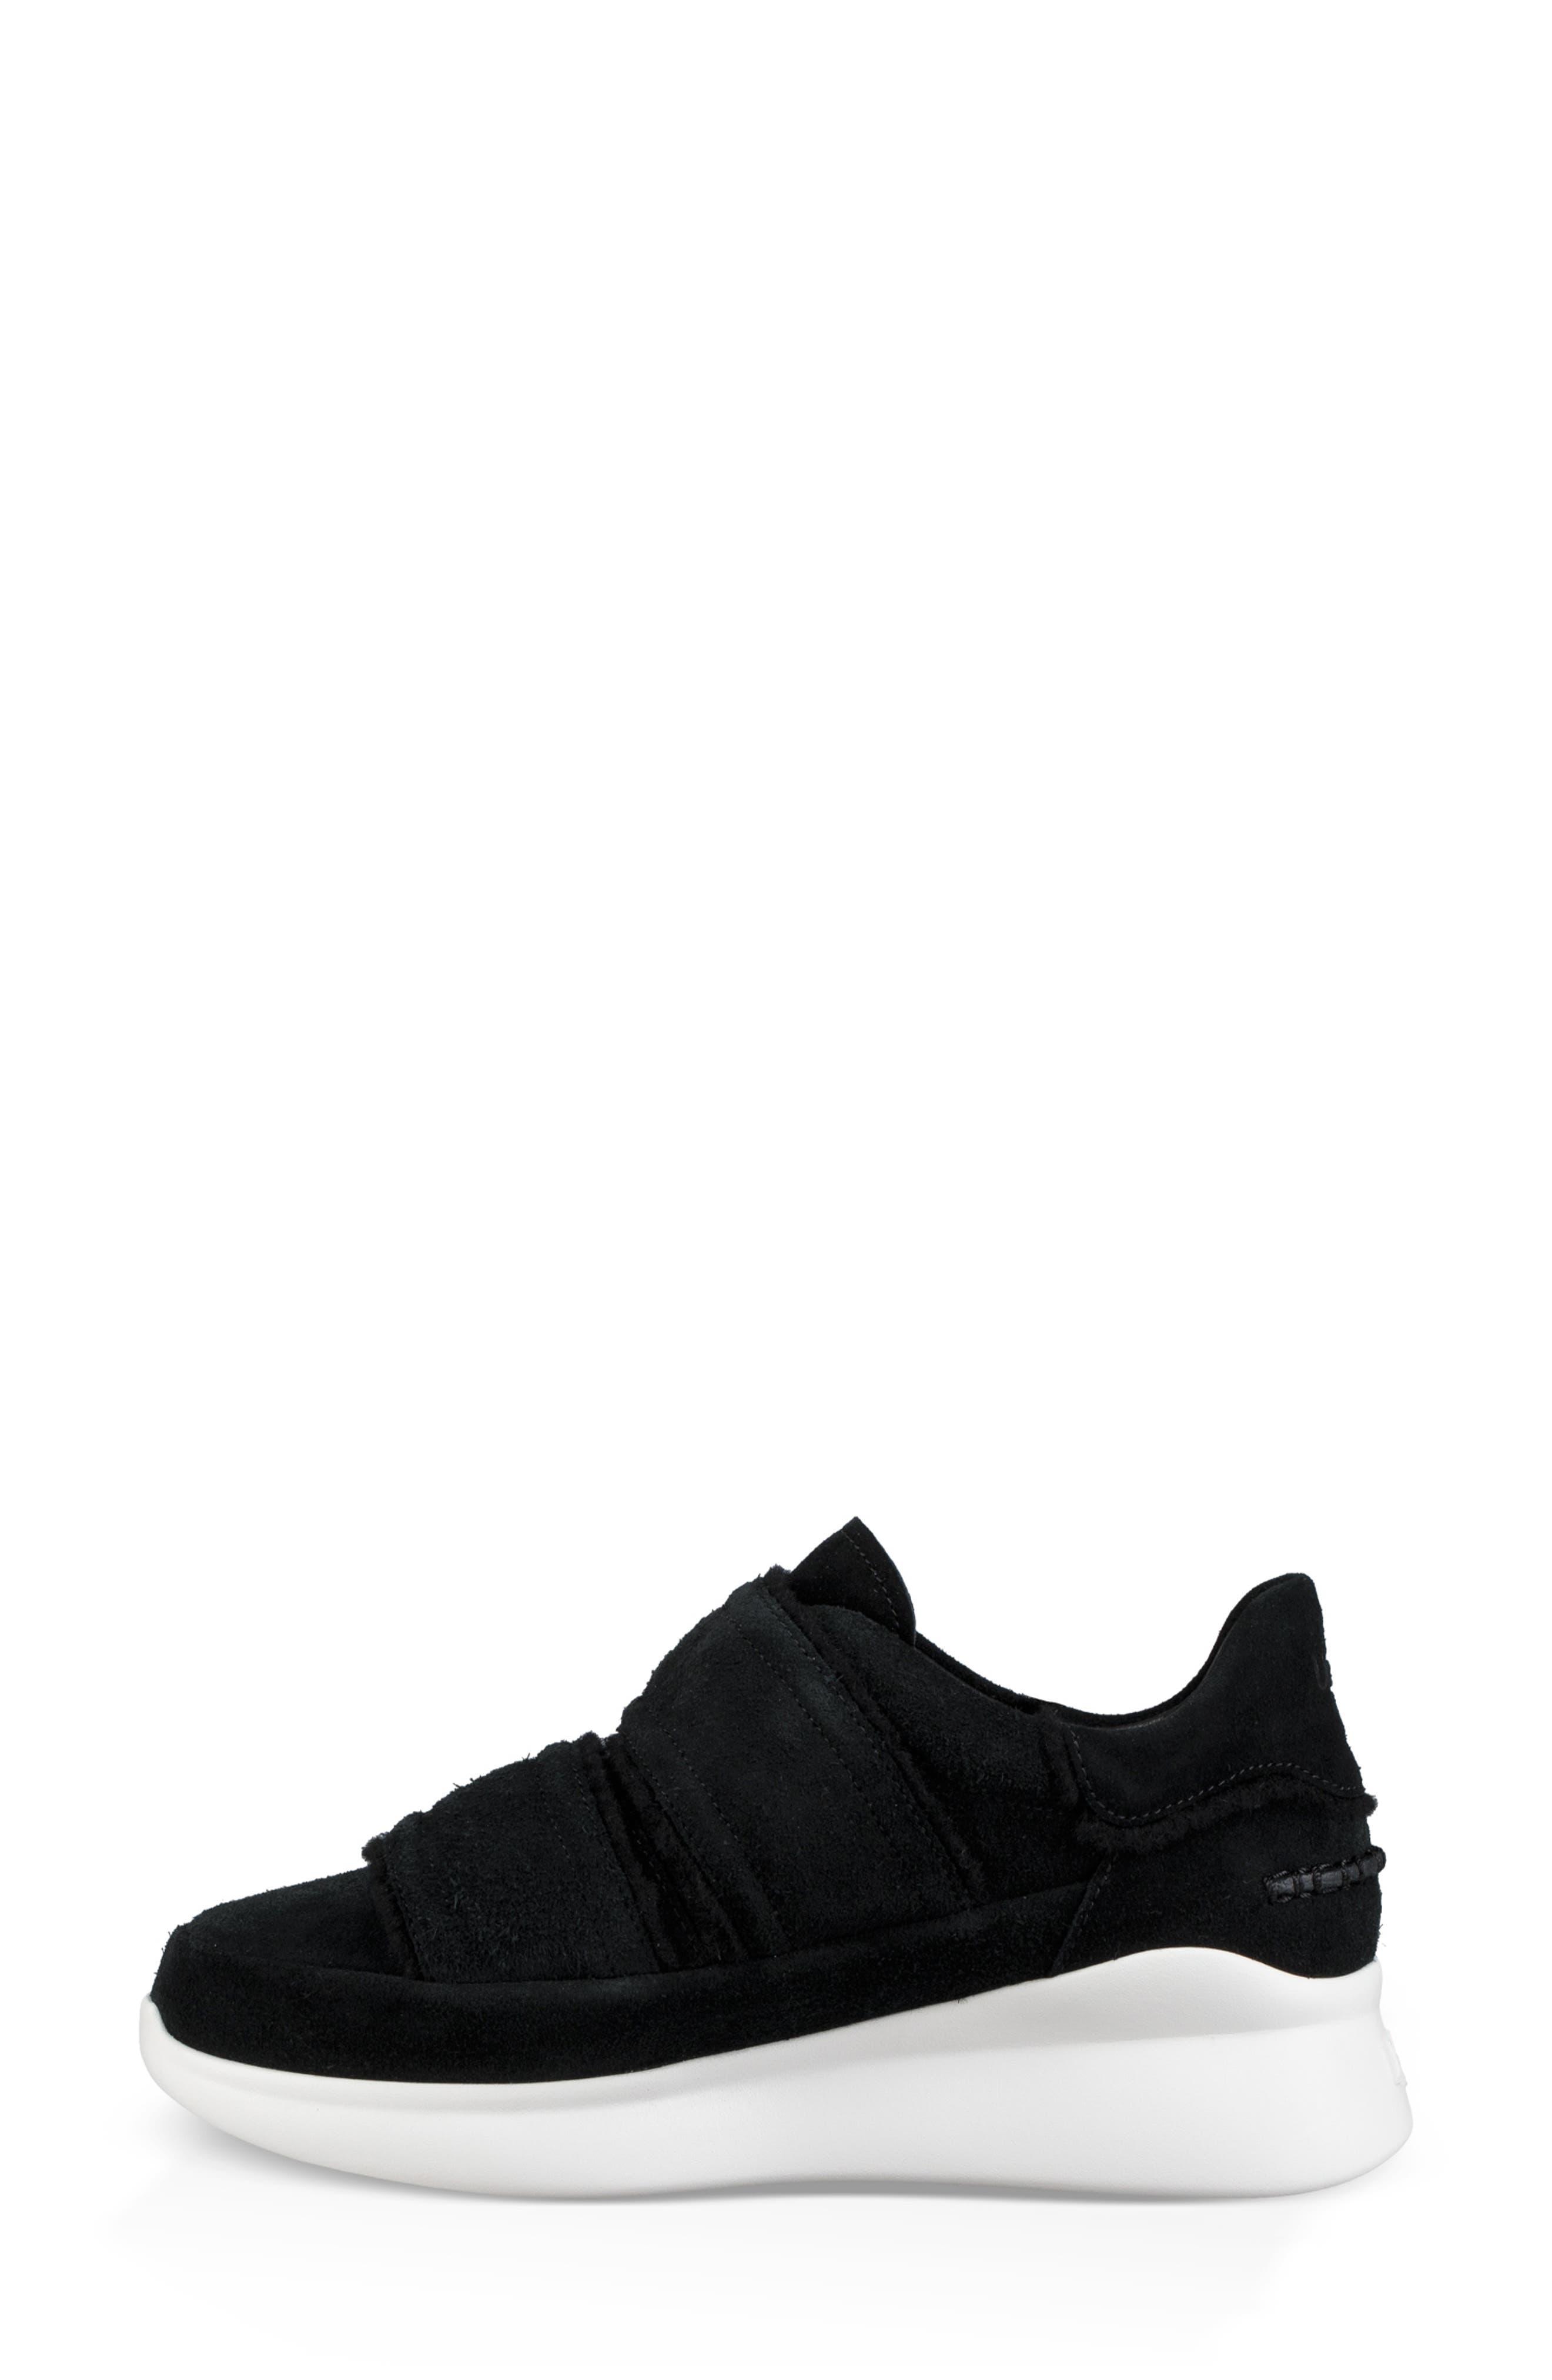 Ashby Spill Seam Sneaker,                             Alternate thumbnail 6, color,                             BLACK LEATHER